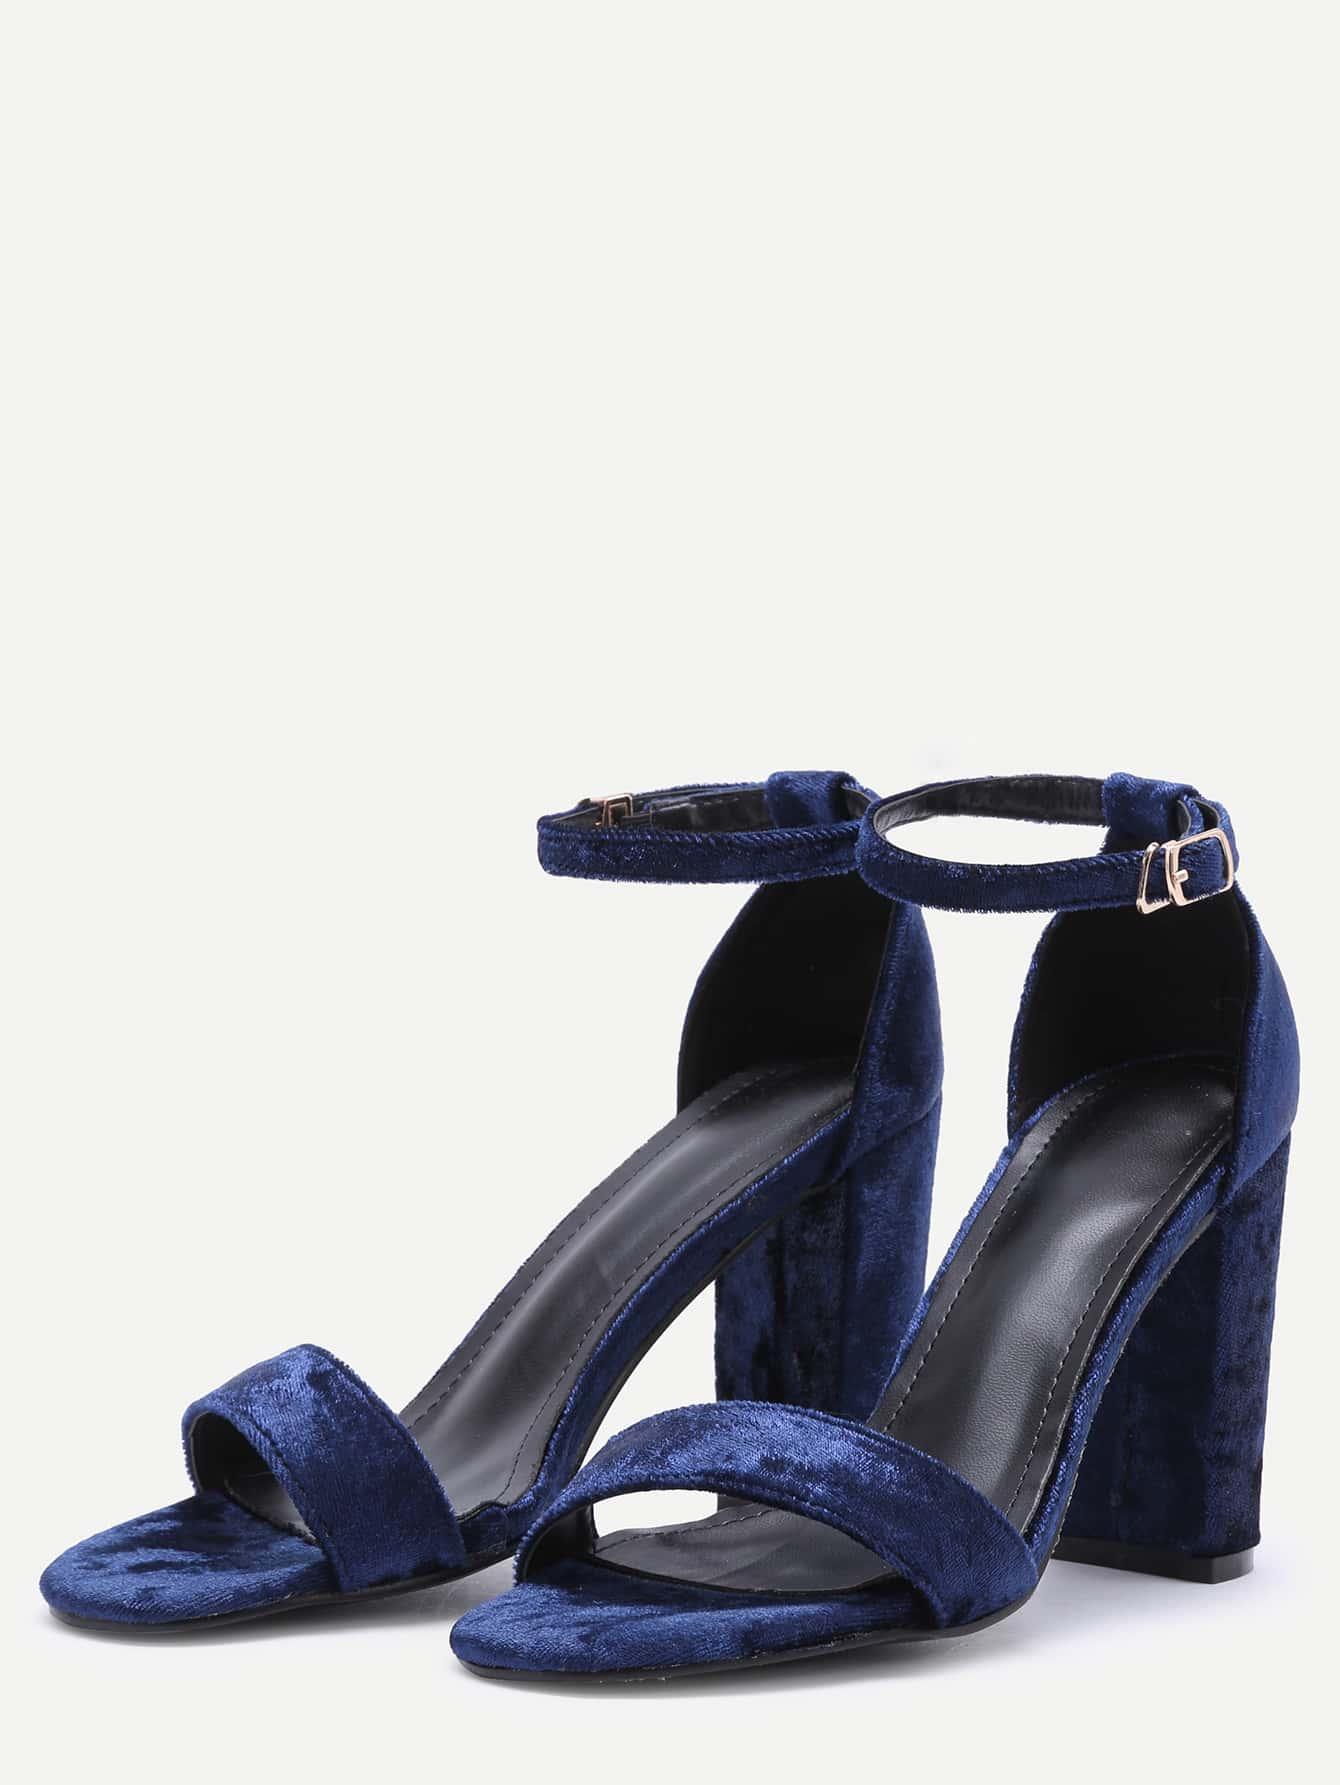 shoes161102804_2